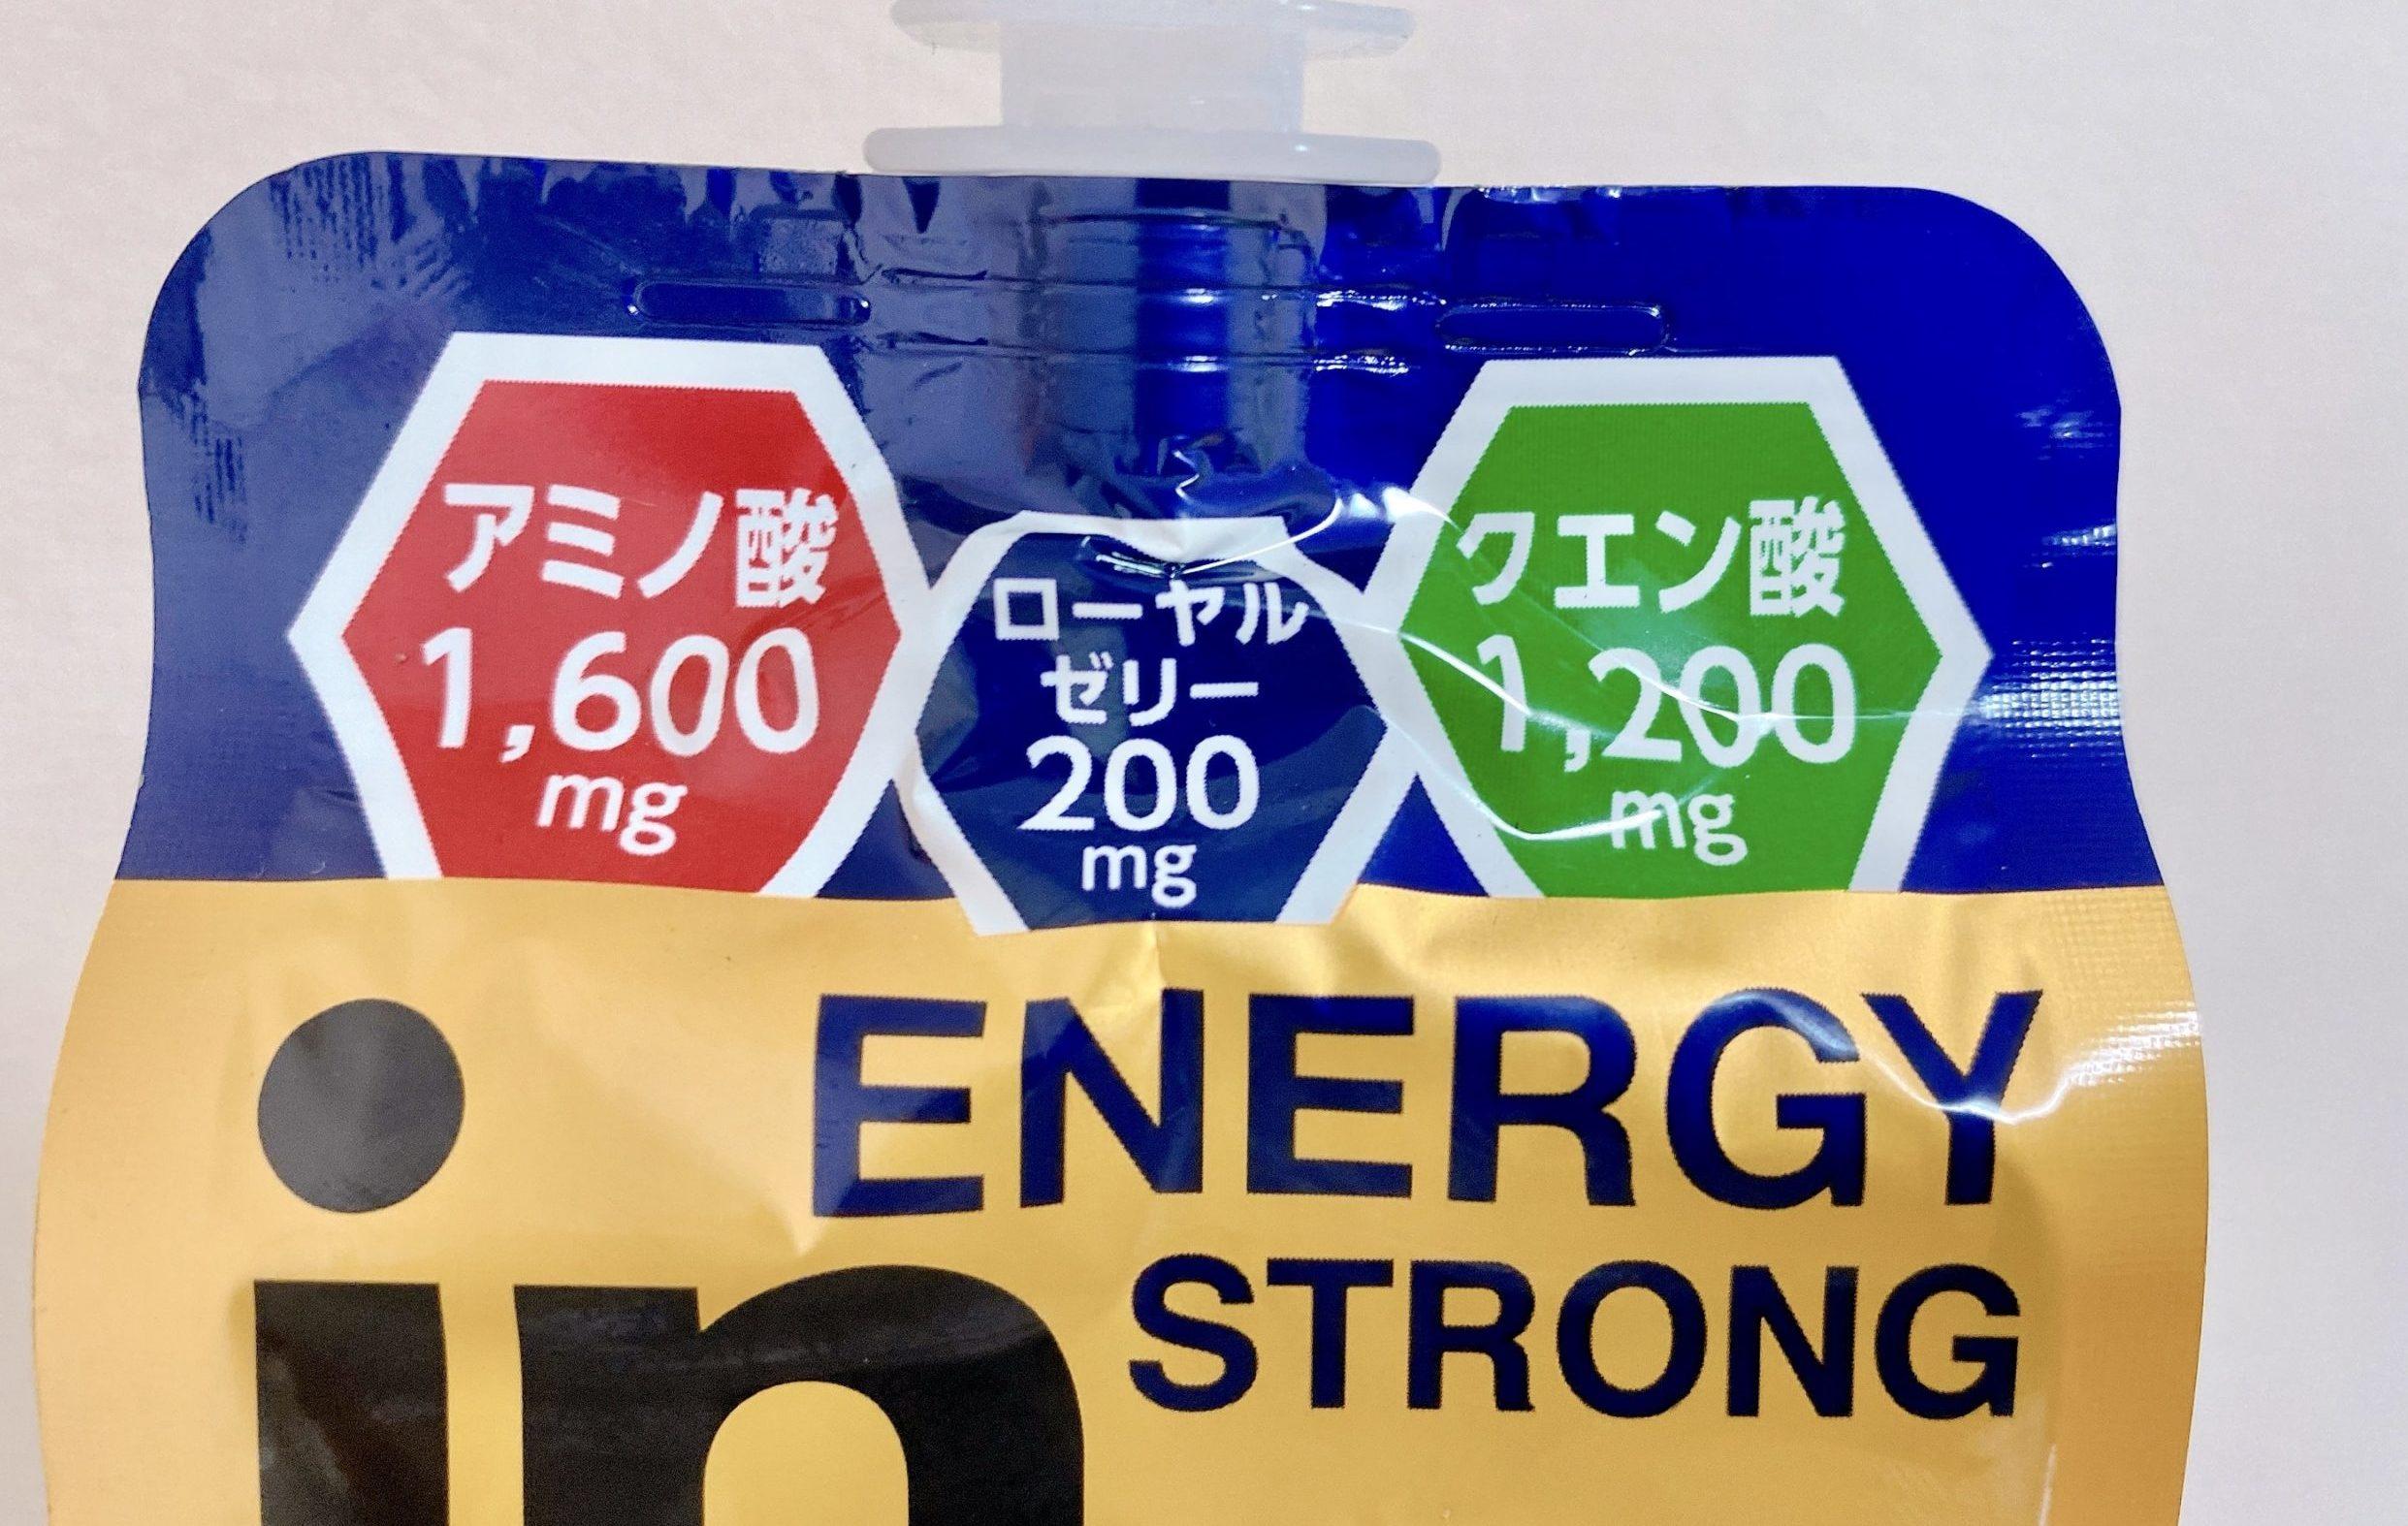 inゼリーストロングにはアミノ酸、ローヤルゼリー、クエン酸の3つを配合